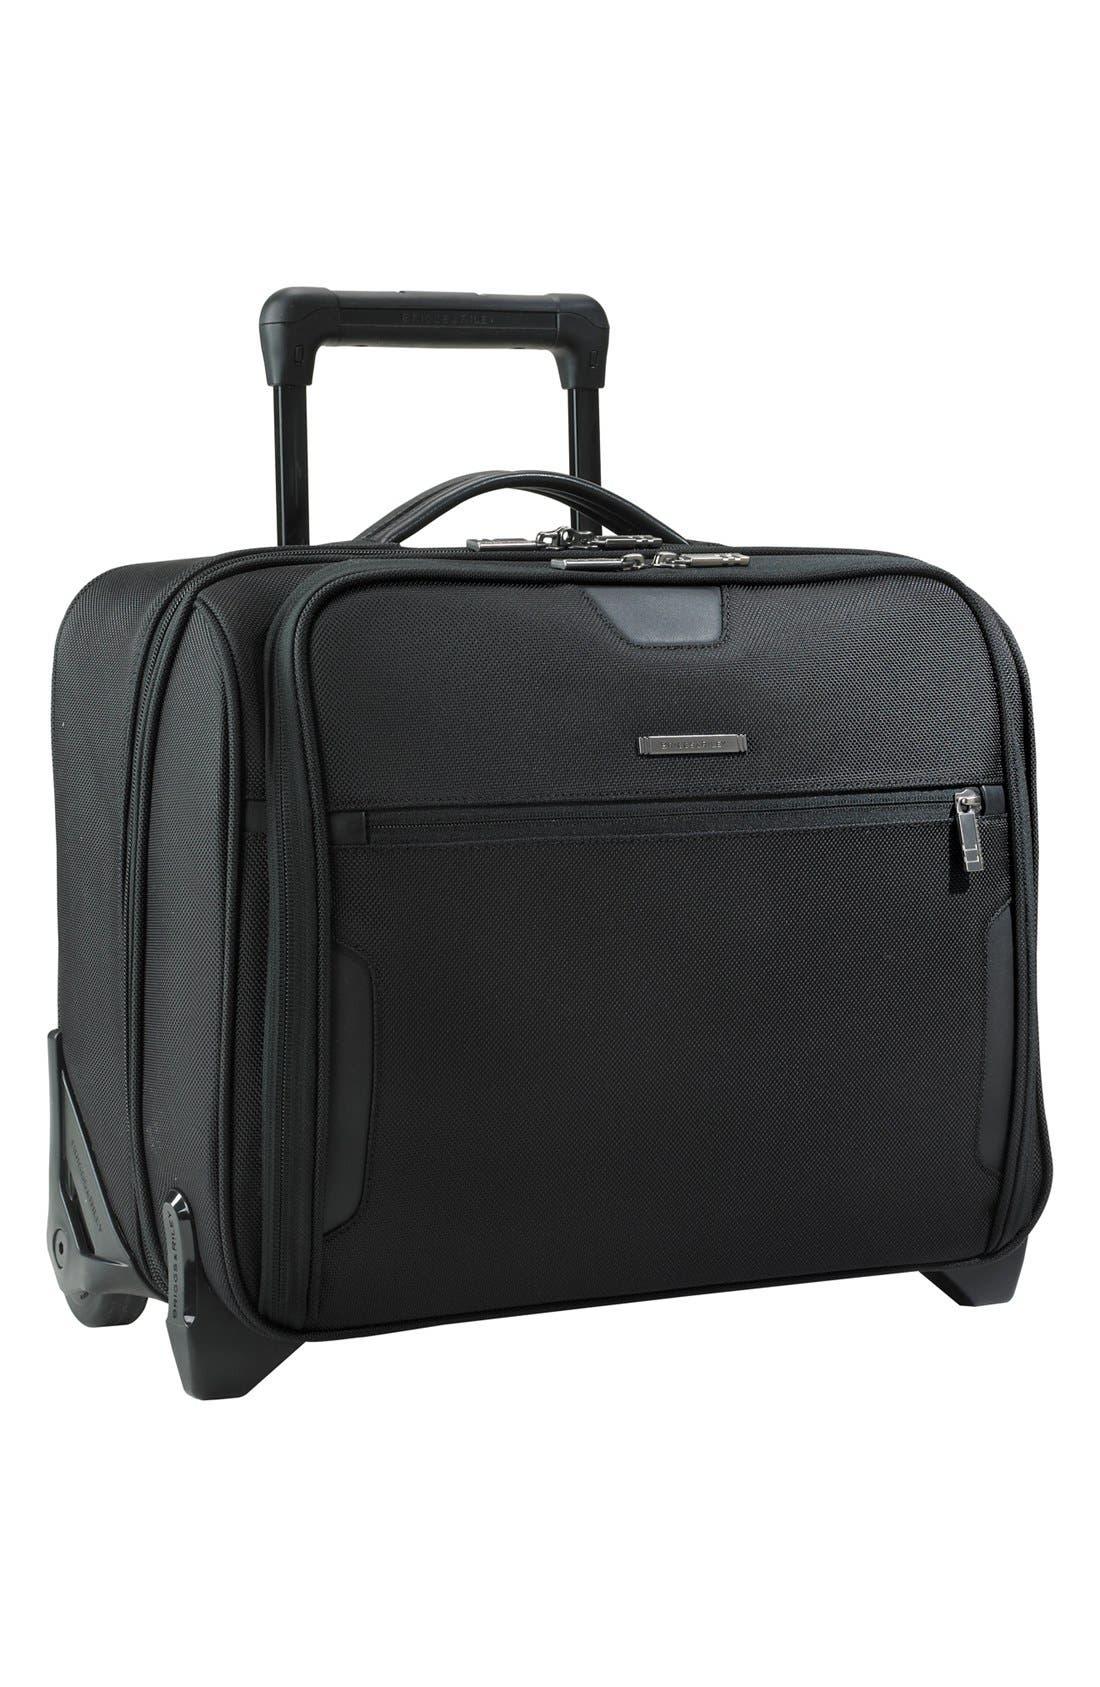 BRIGGS & RILEY 'Medium Slim' Rolling Ballistic Nylon Briefcase, Main, color, 004